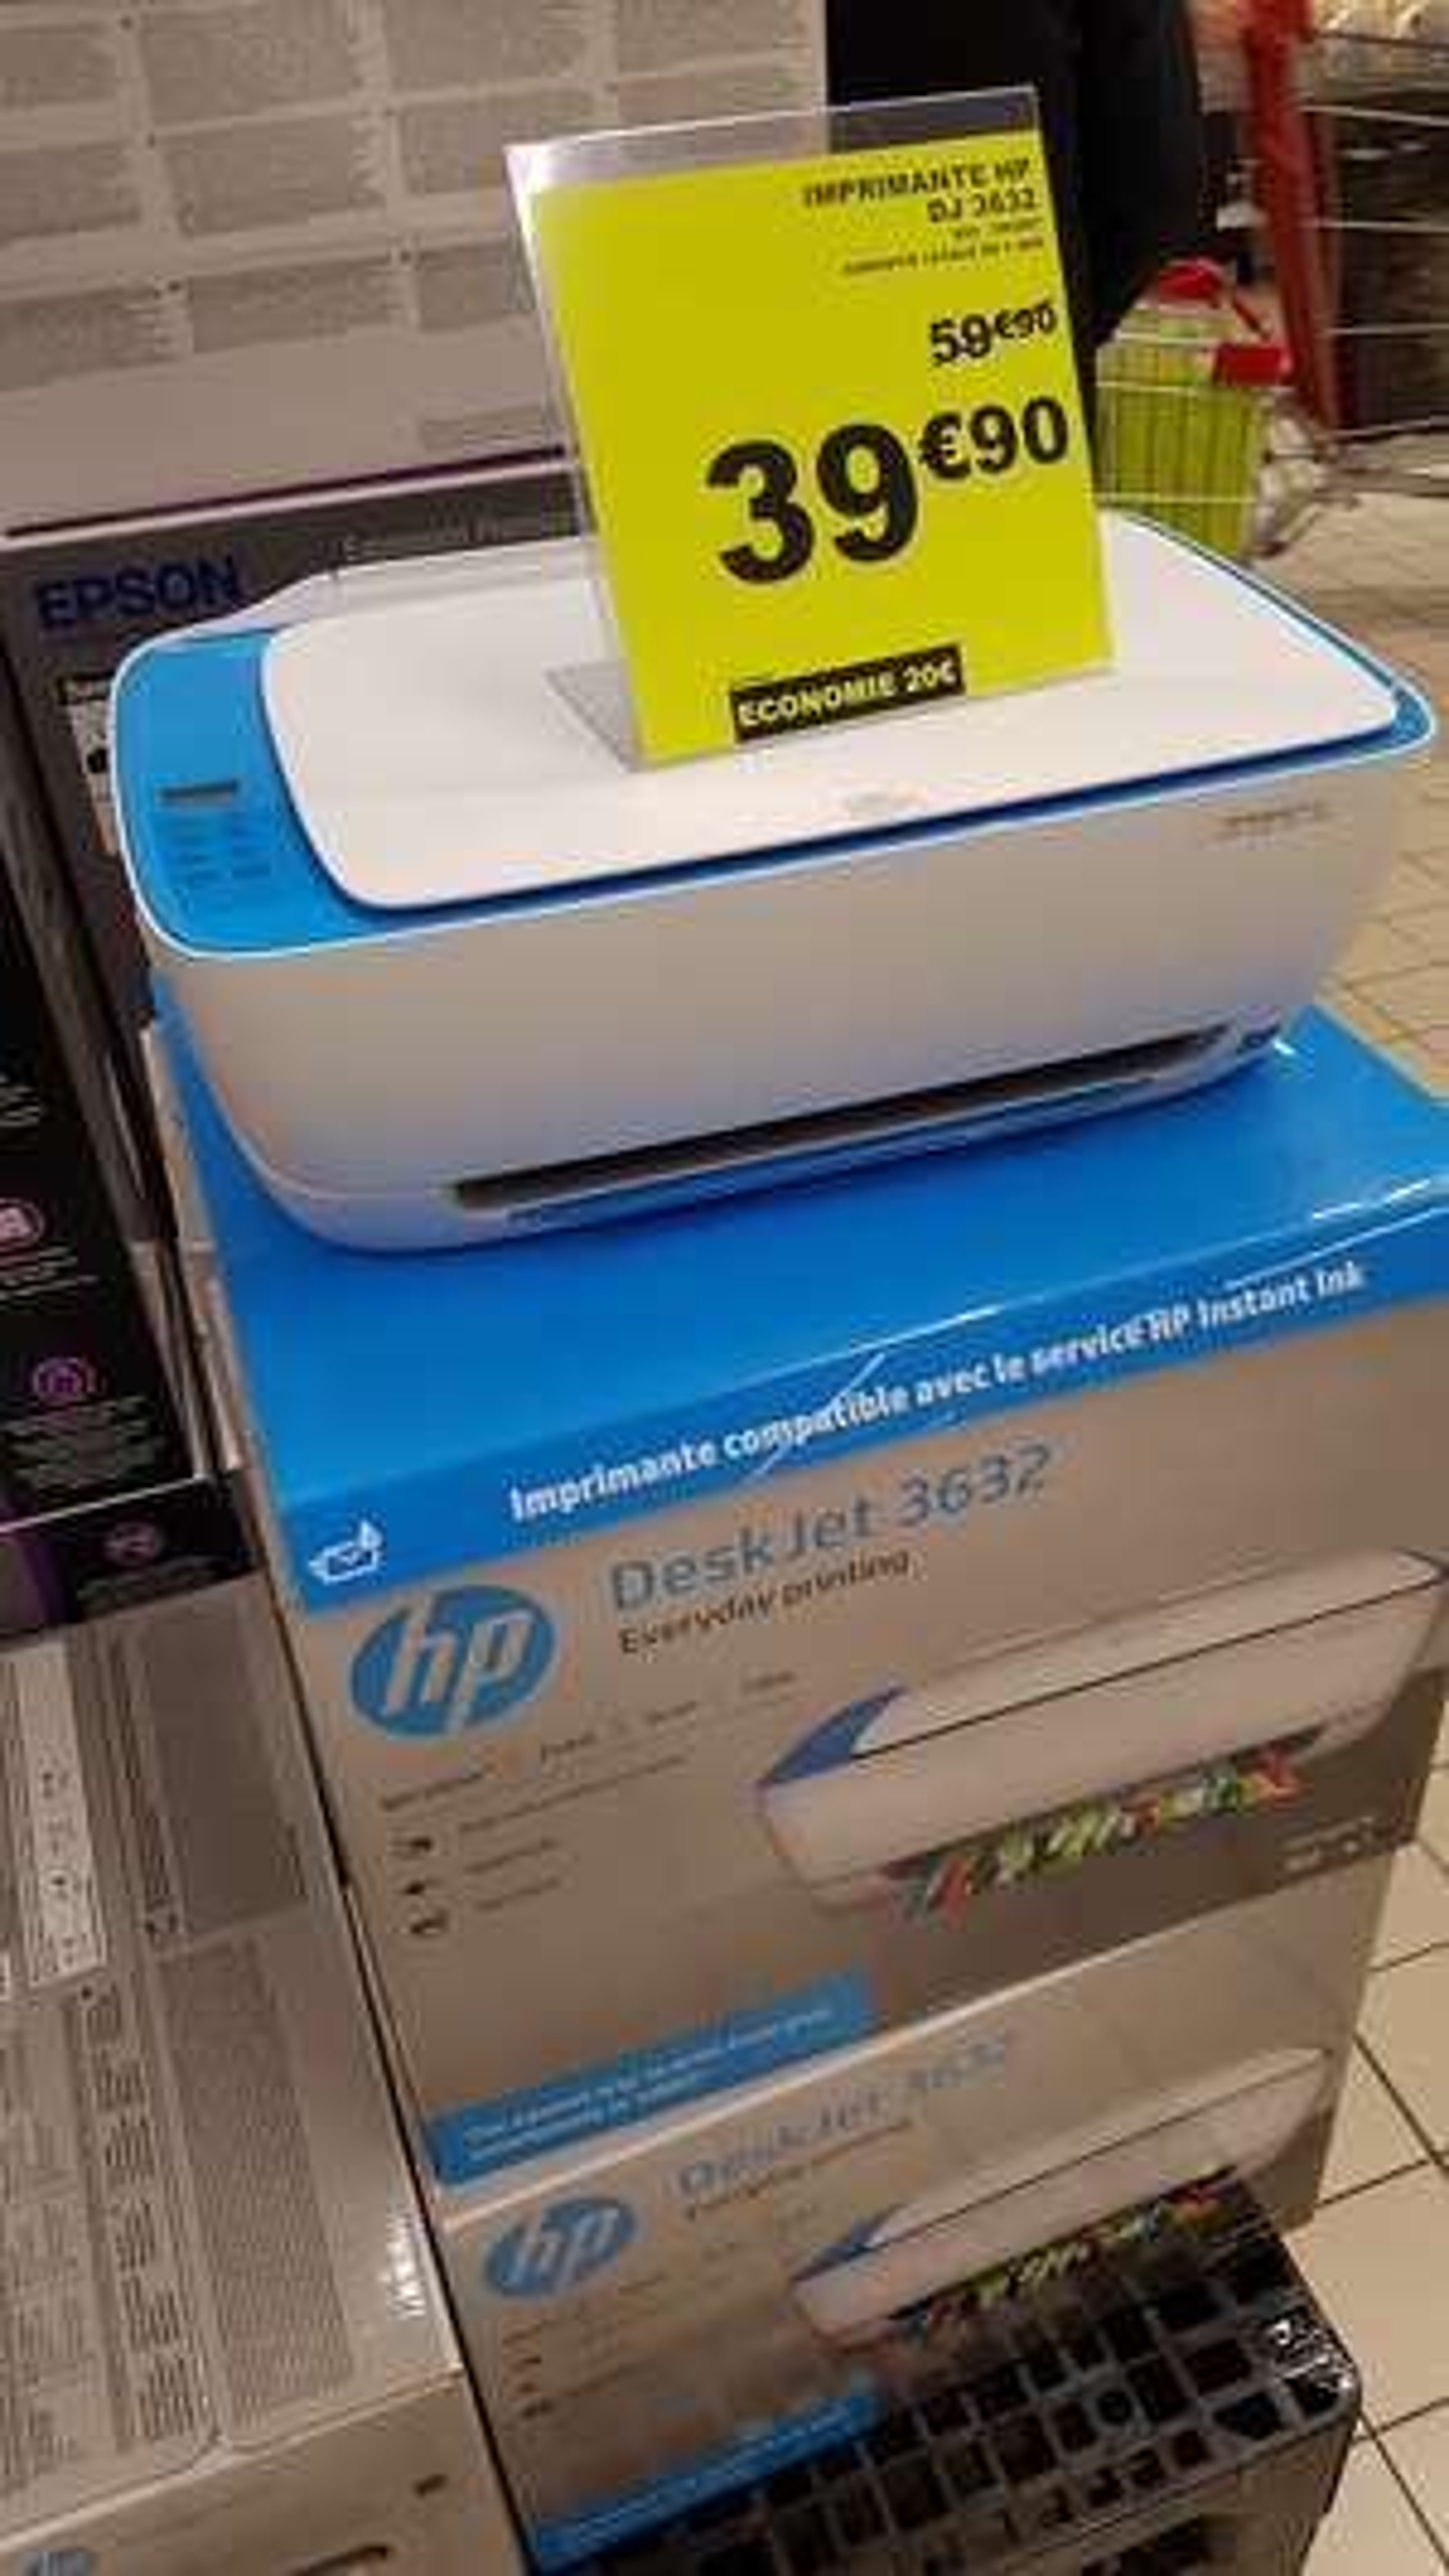 Imprimante HP DeskJet 3632 - Jet d'encre, Couleur, Scanner, WiFi - Auchan Porte des Alpes, St-Priest (69)